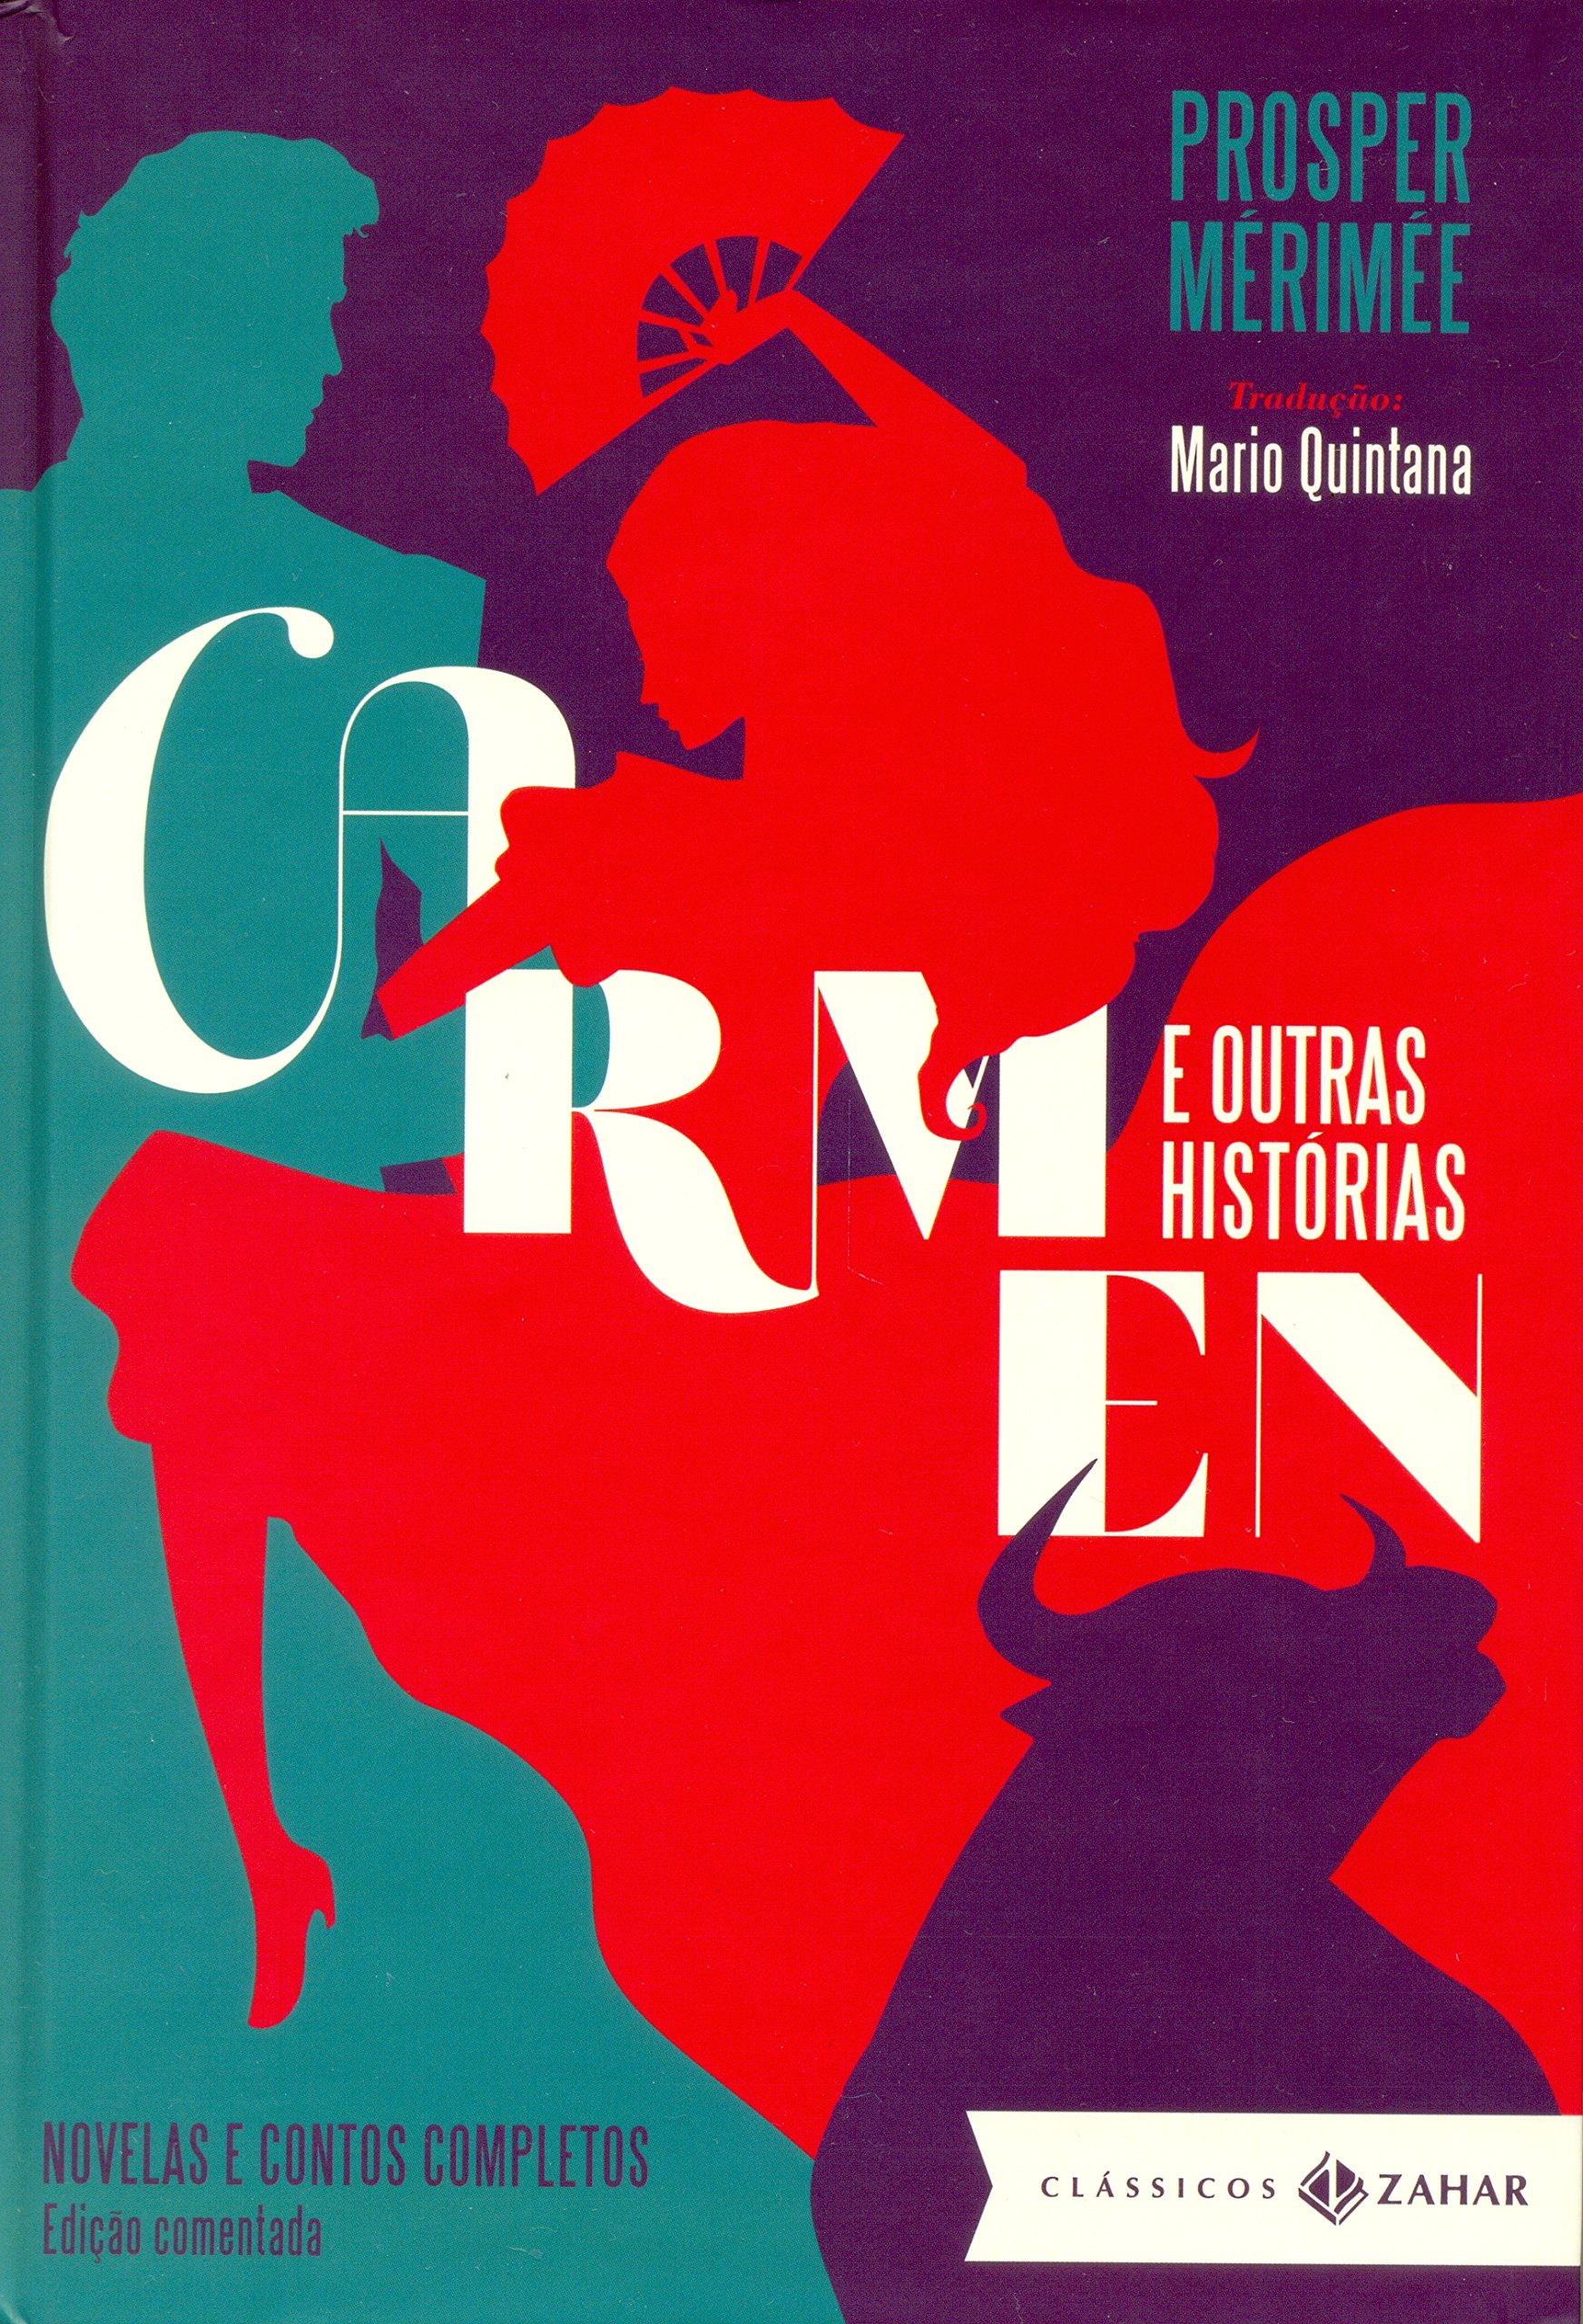 Carmen e outras histórias – Literatura